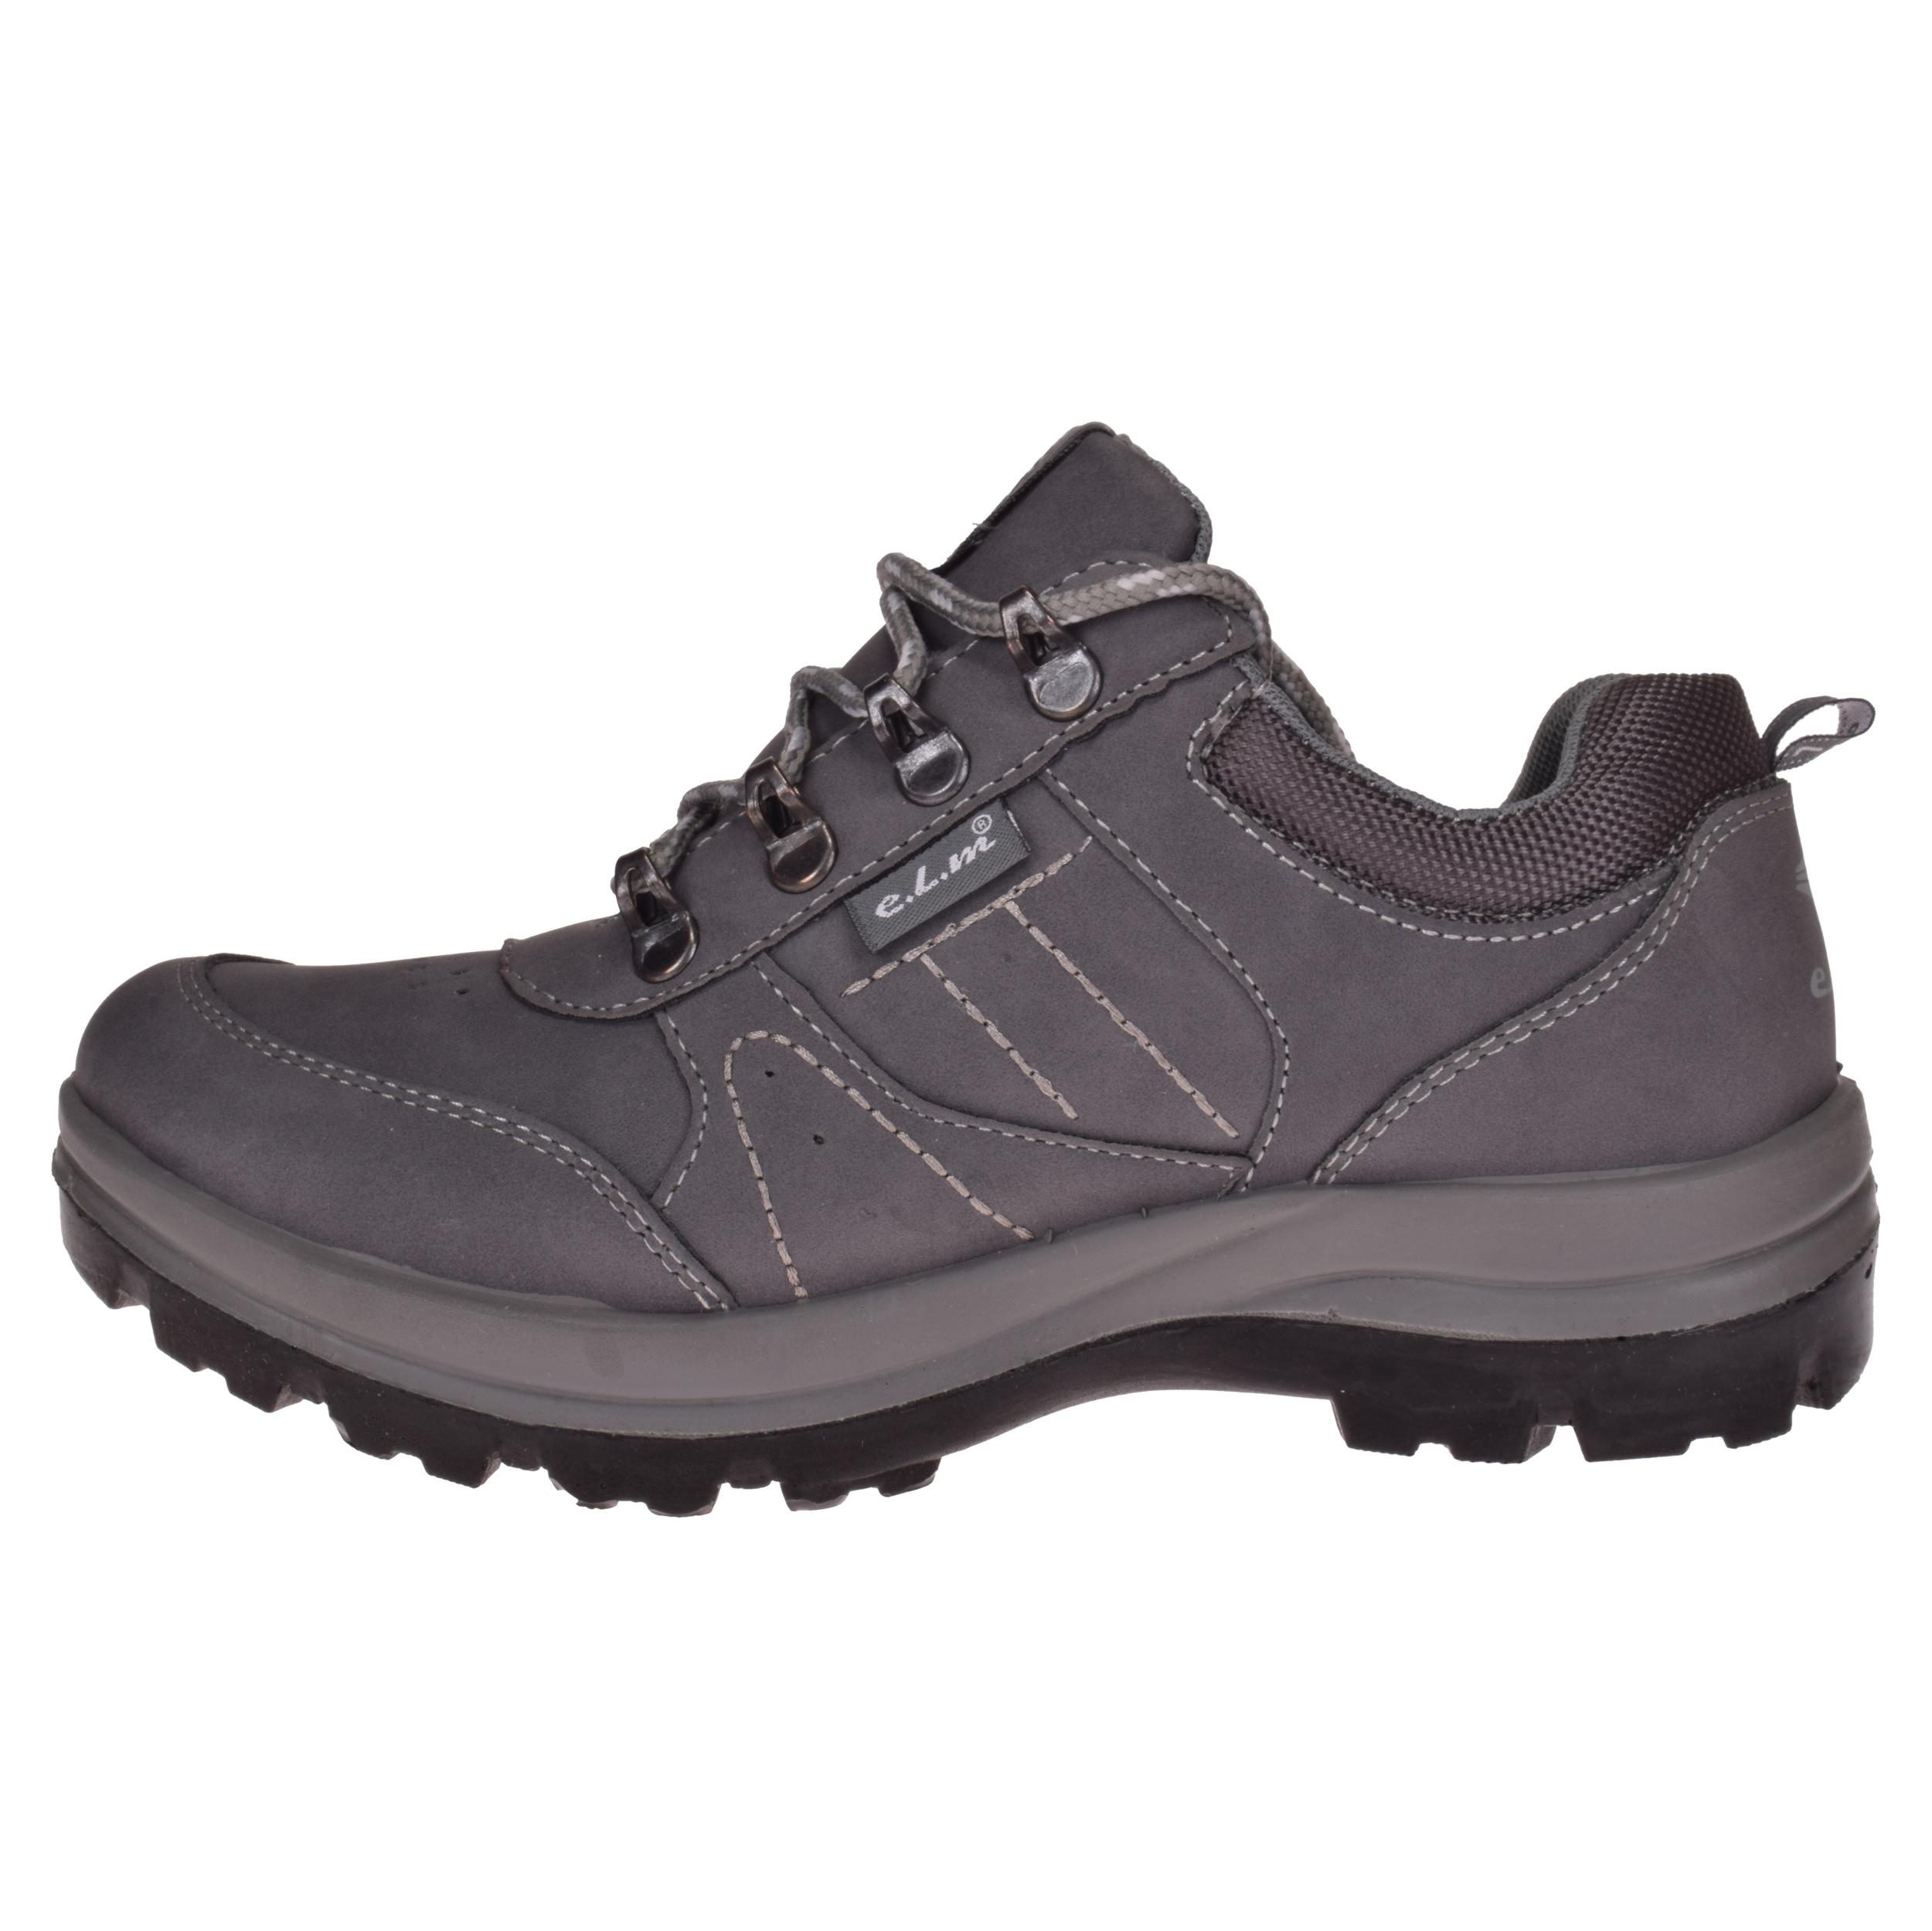 کفش راحتی زنانه ای ال ام مدل Macan کد 3364